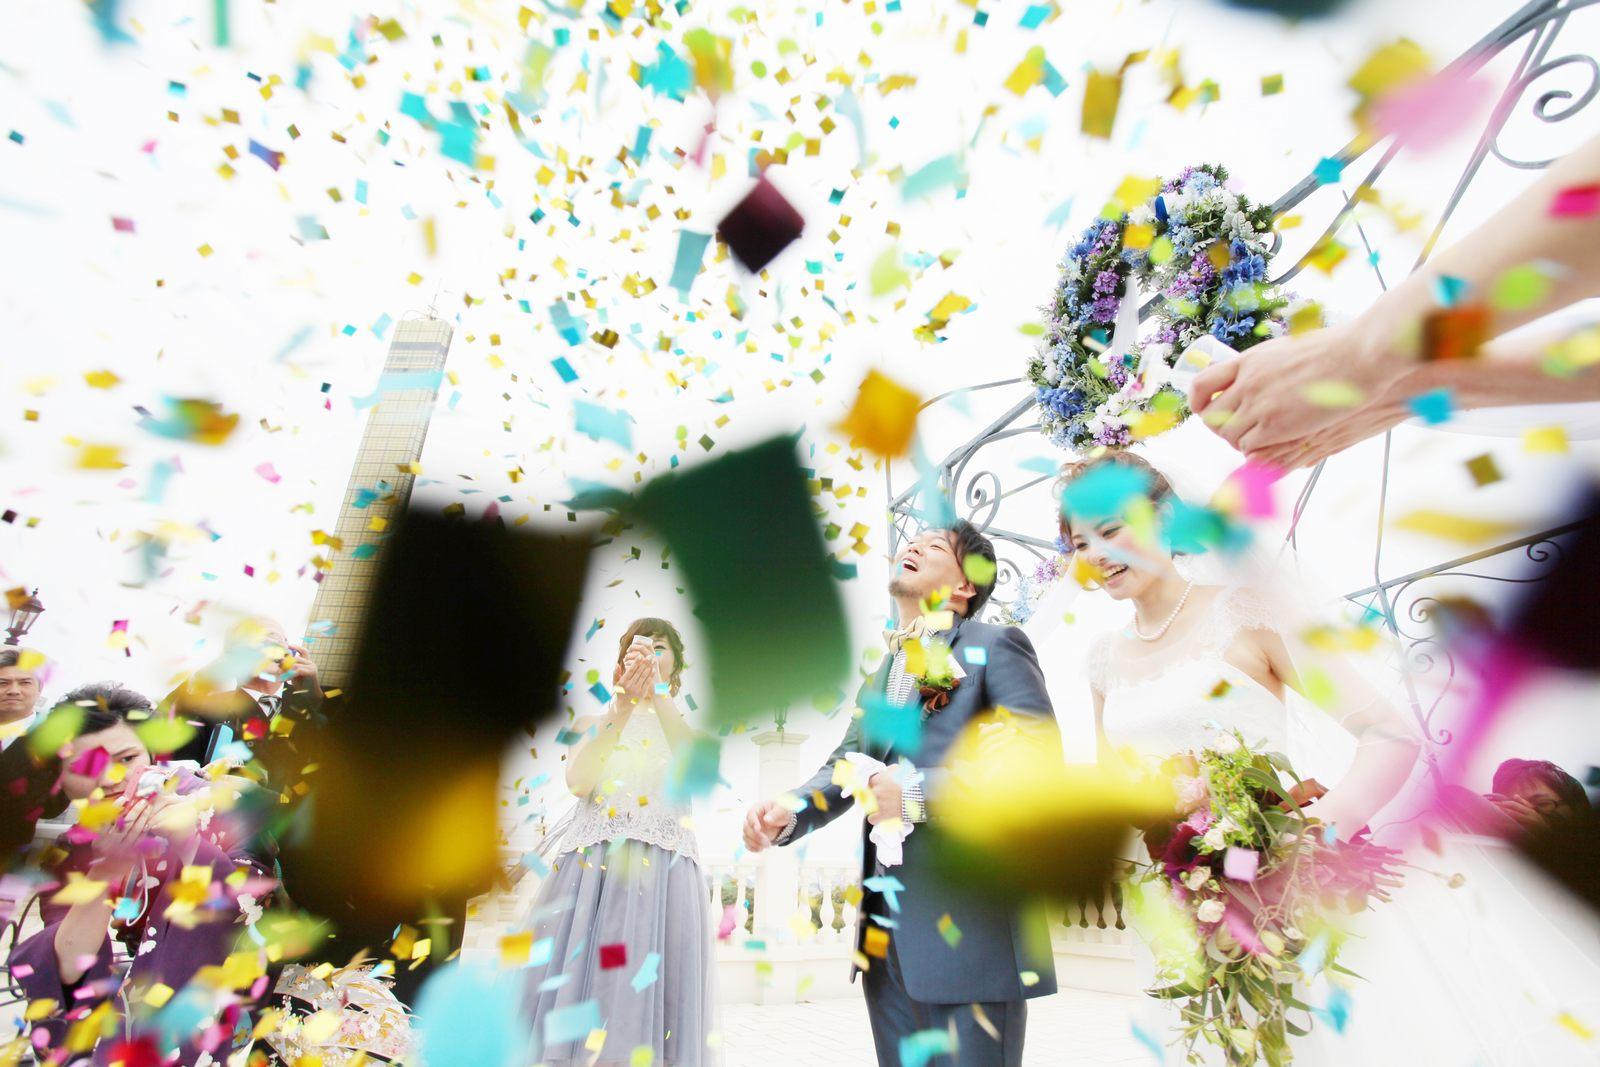 香川県の結婚式場シェルエメール&アイスタイルのコンフェッティシャワー